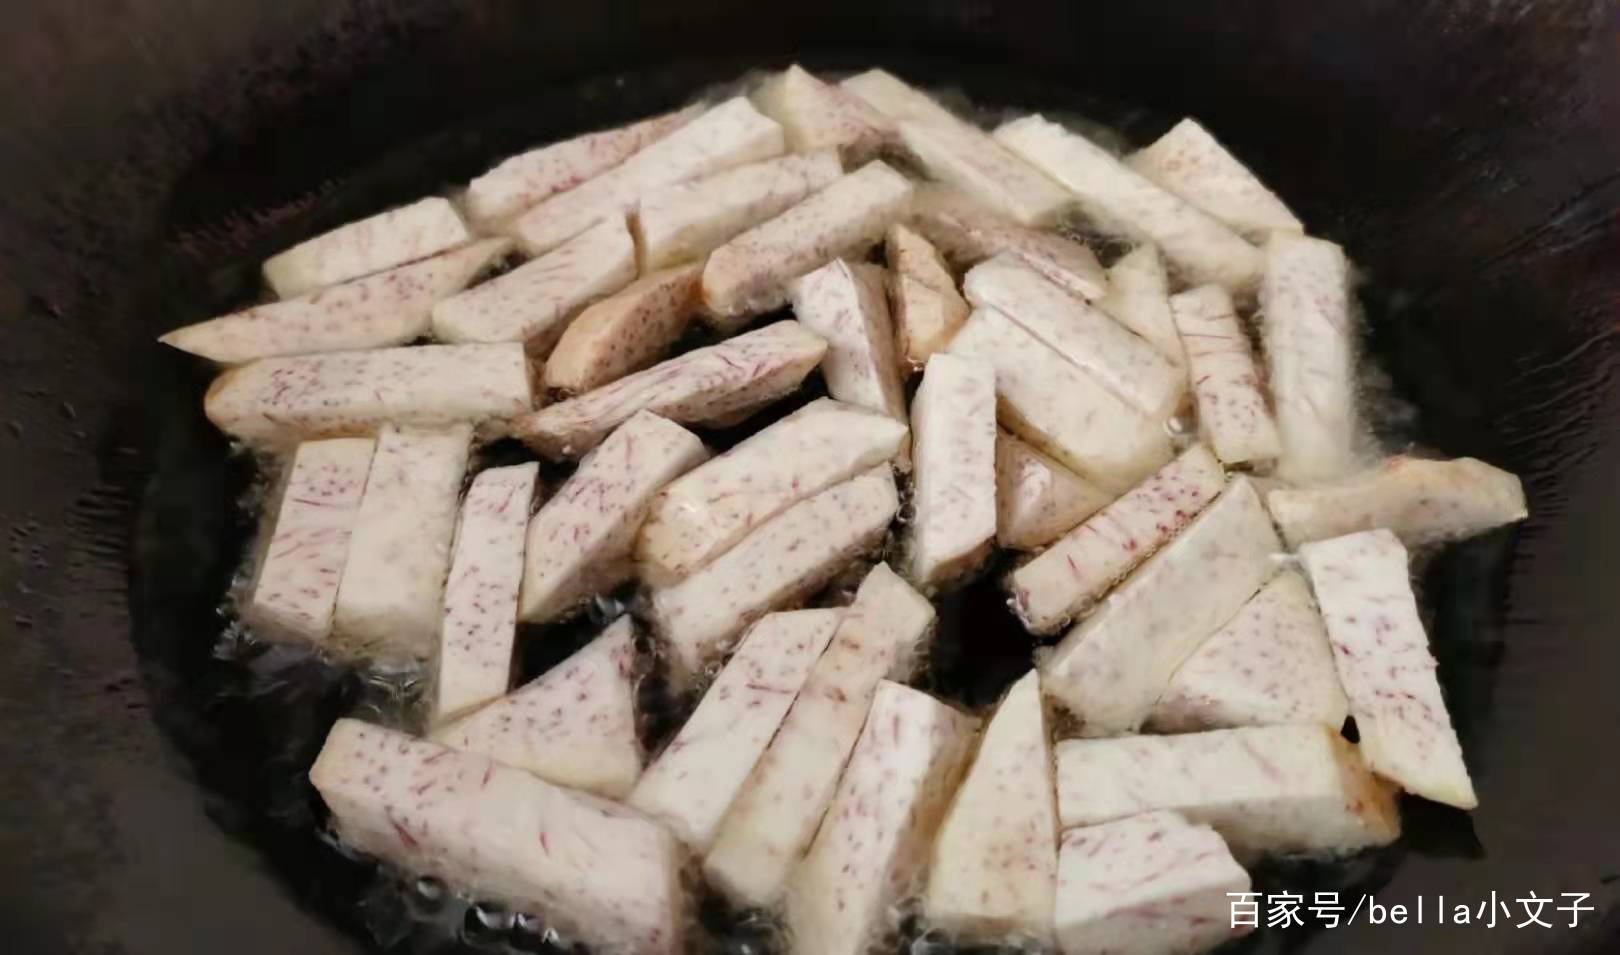 潮汕小吃翻砂芋头教程 美食做法 第3张